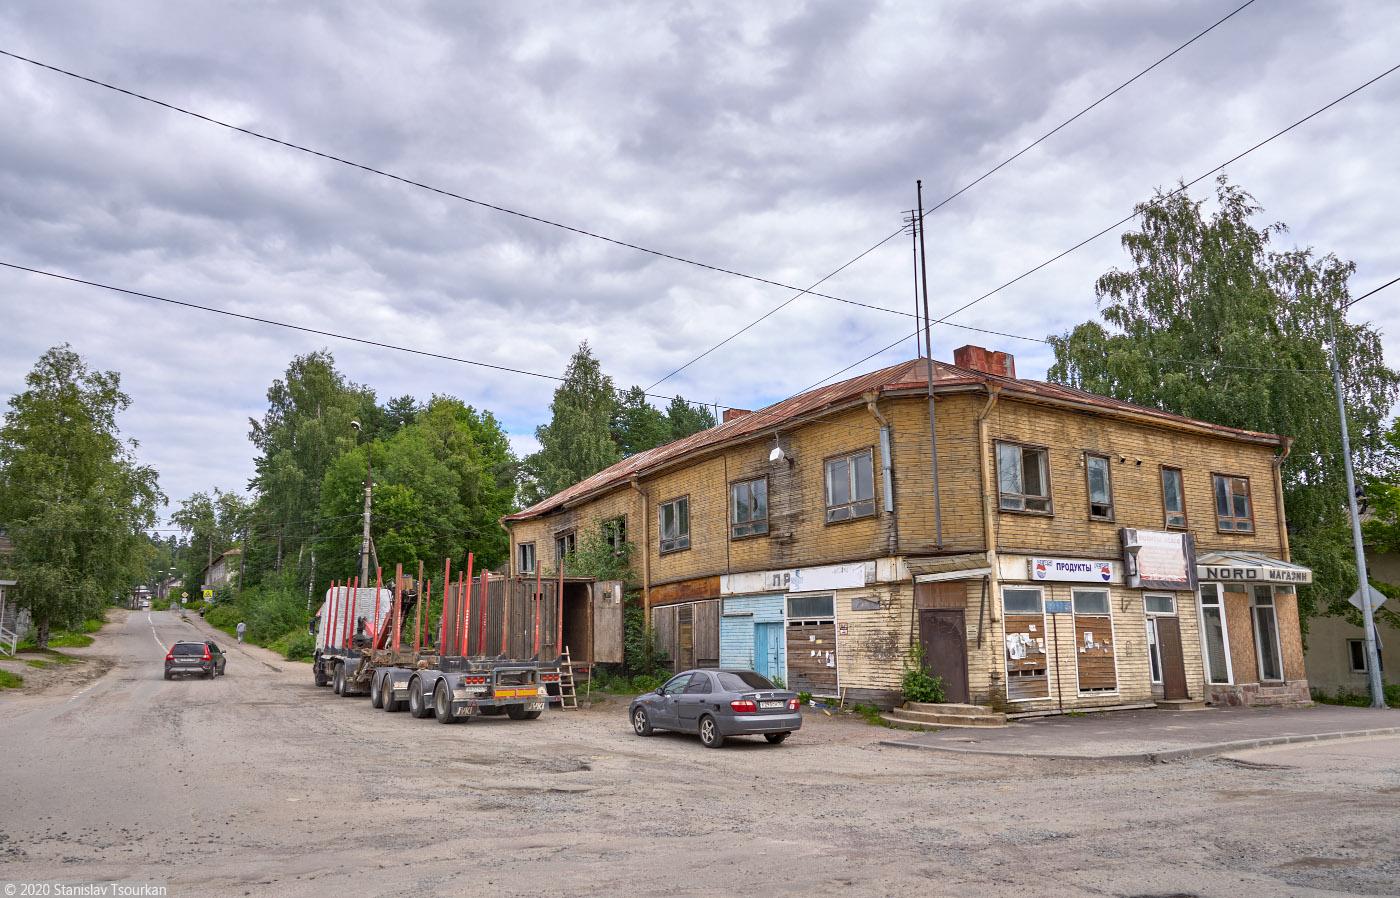 Лахденпохья, Карелия, республика Карелия, улица Бусалова.